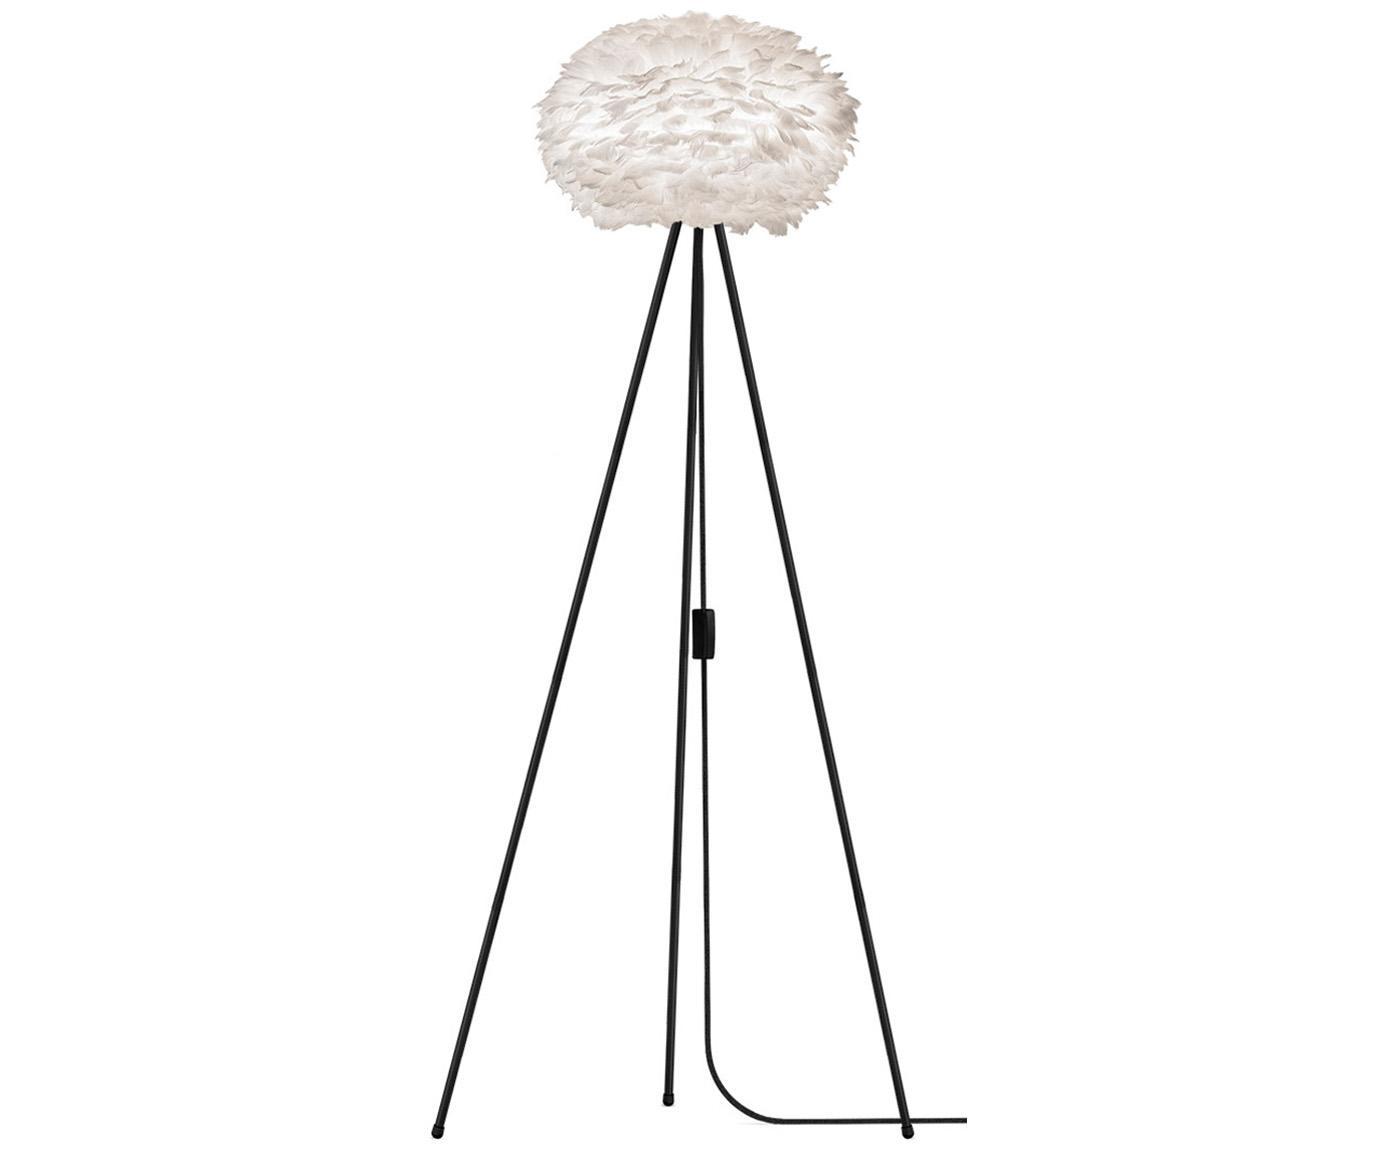 Stehlampe Eos aus Federn, Lampenschirm: Gänsefedern, Stahl, Weiss, Schwarz, Ø 66 x H 133 cm